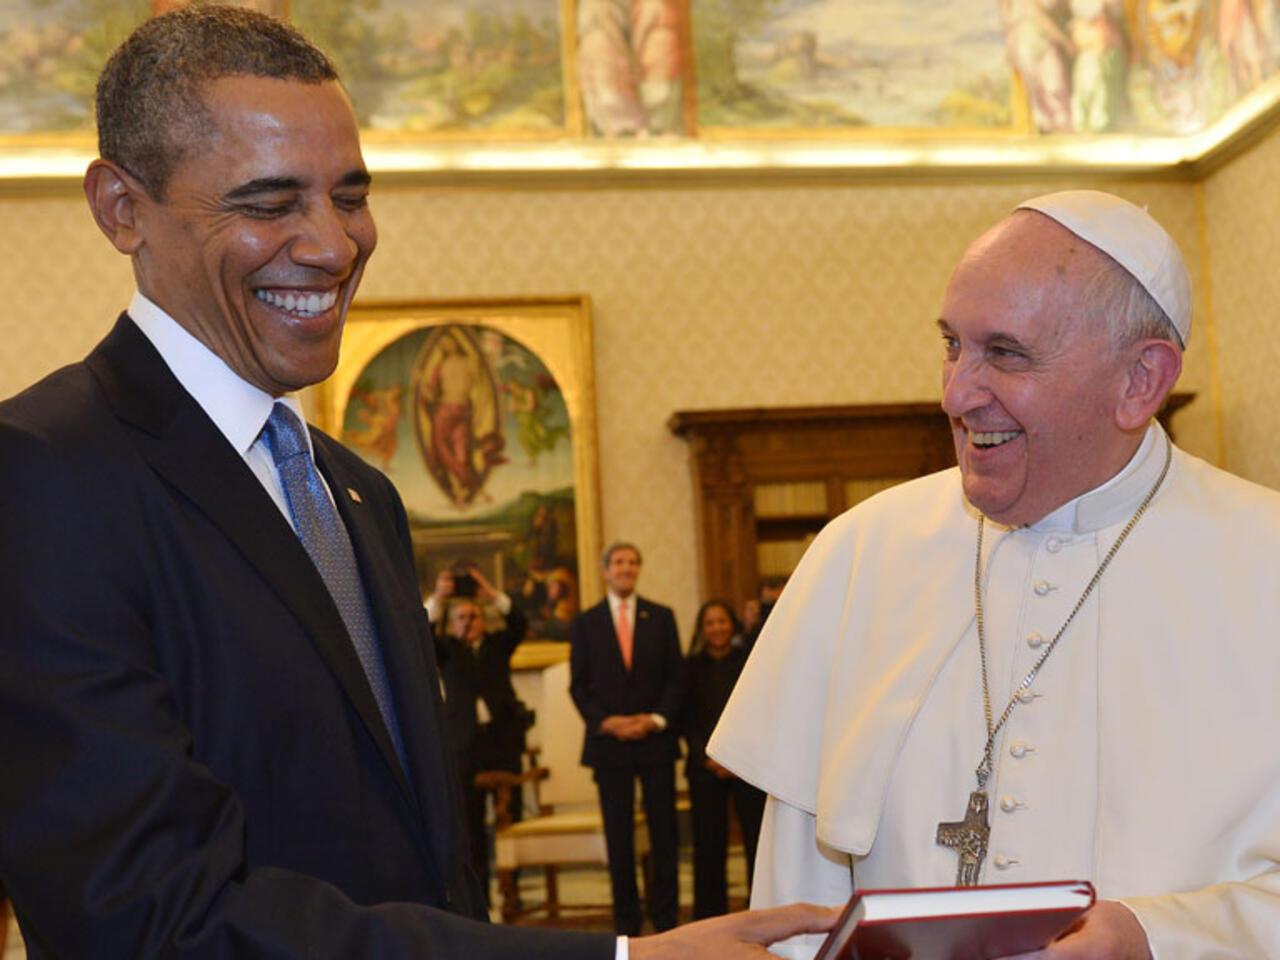 Rencontre entre le pape et Obama à la Maison Blanche